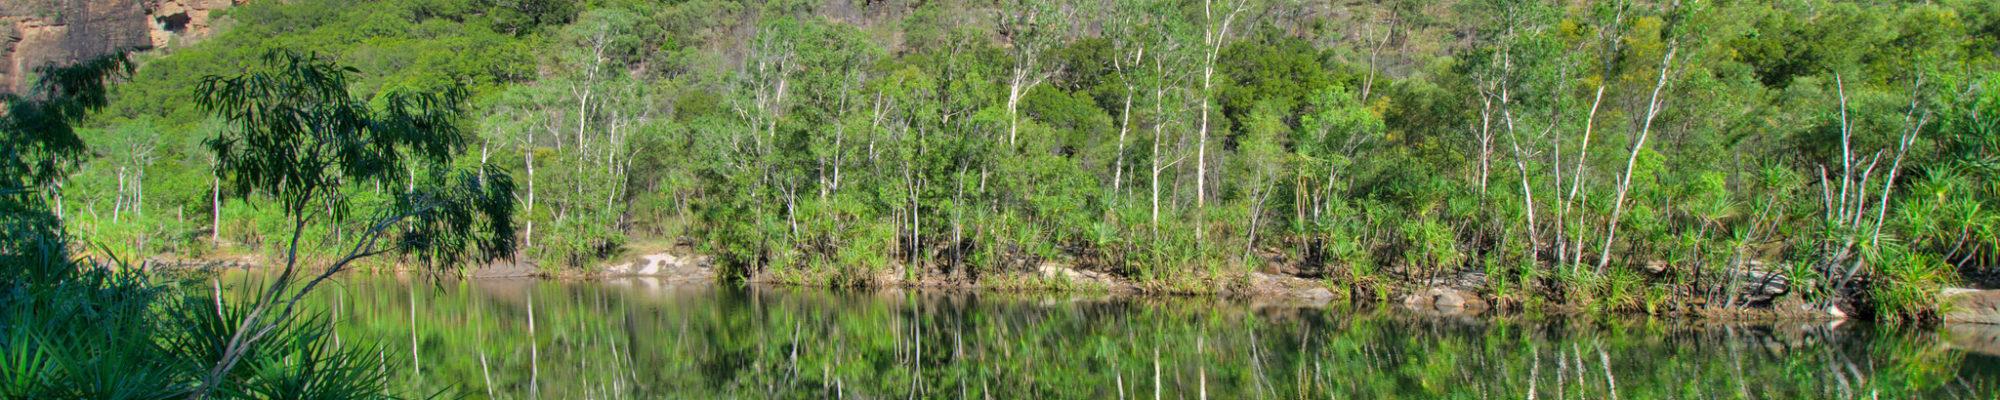 Le parc national de Kakadu